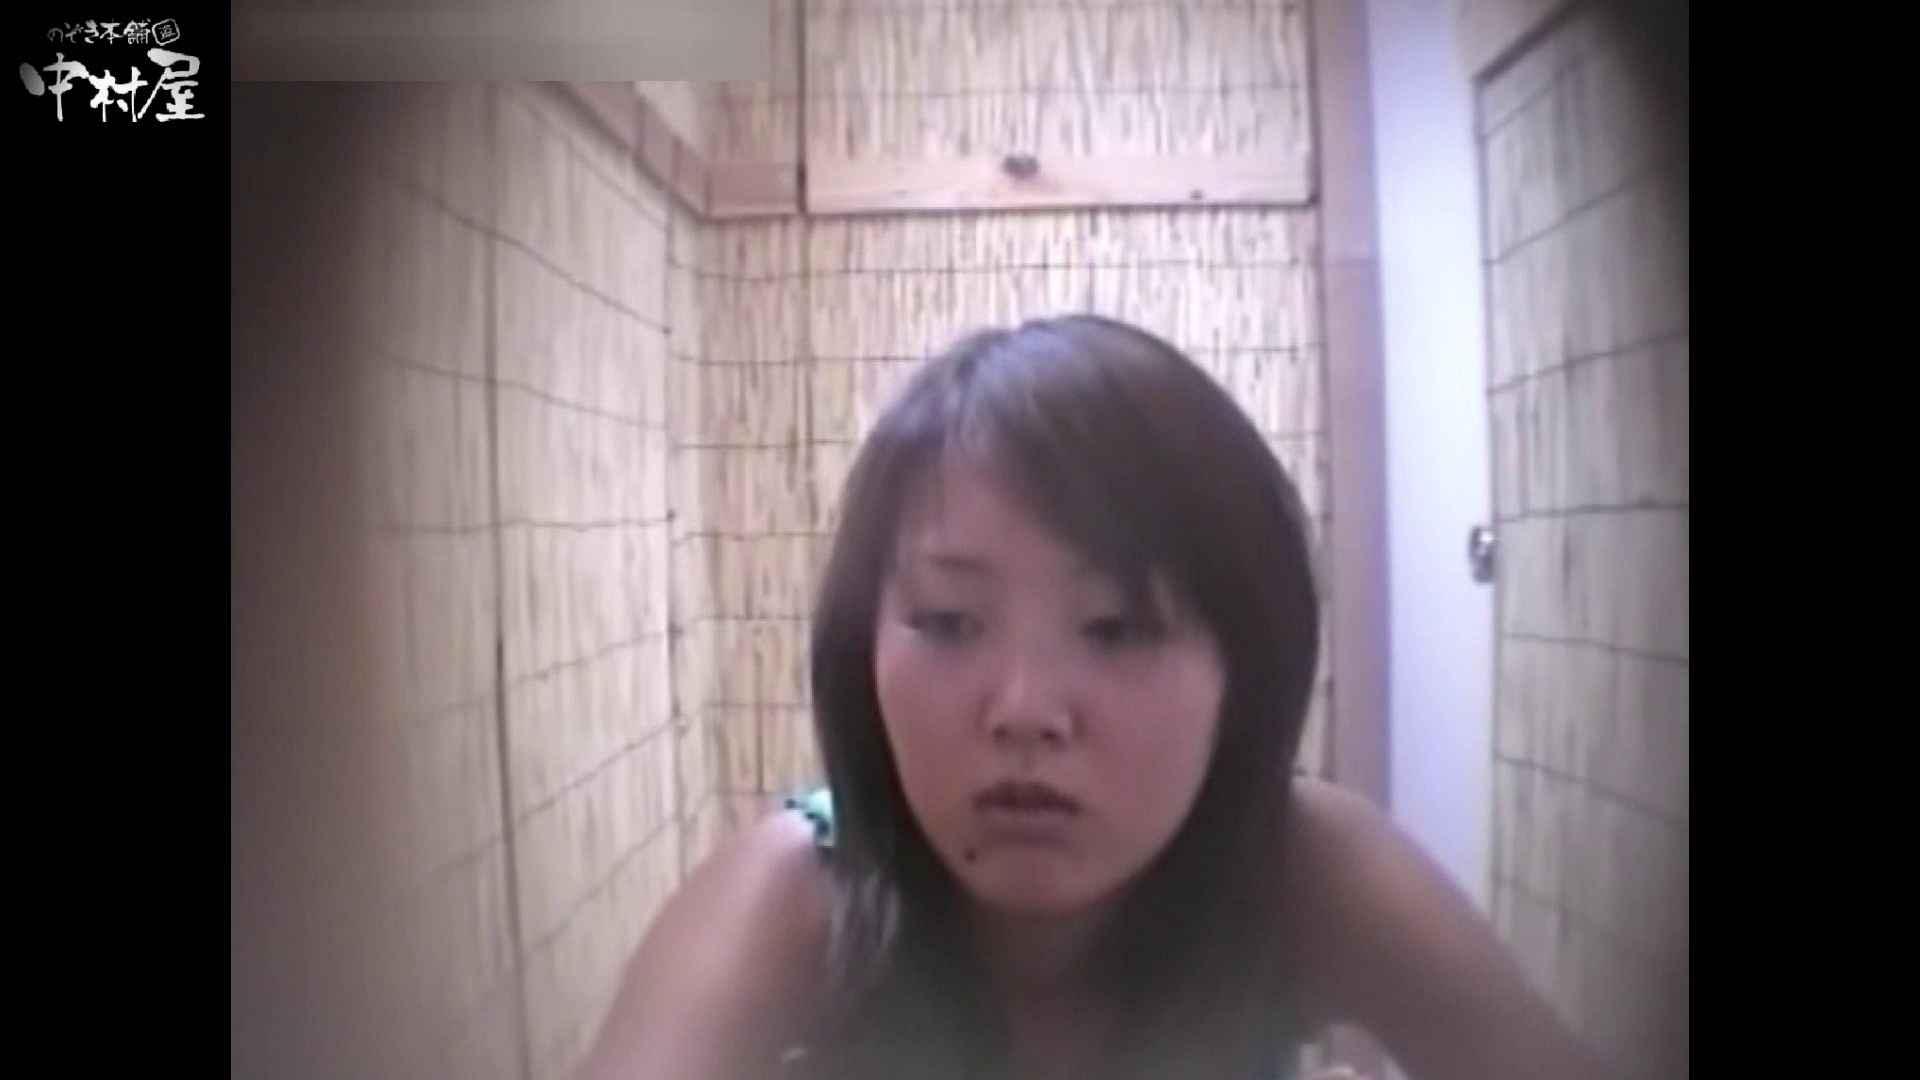 解禁!海の家4カメ洗面所vol.33 萌えギャル | OL女体  103連発 29